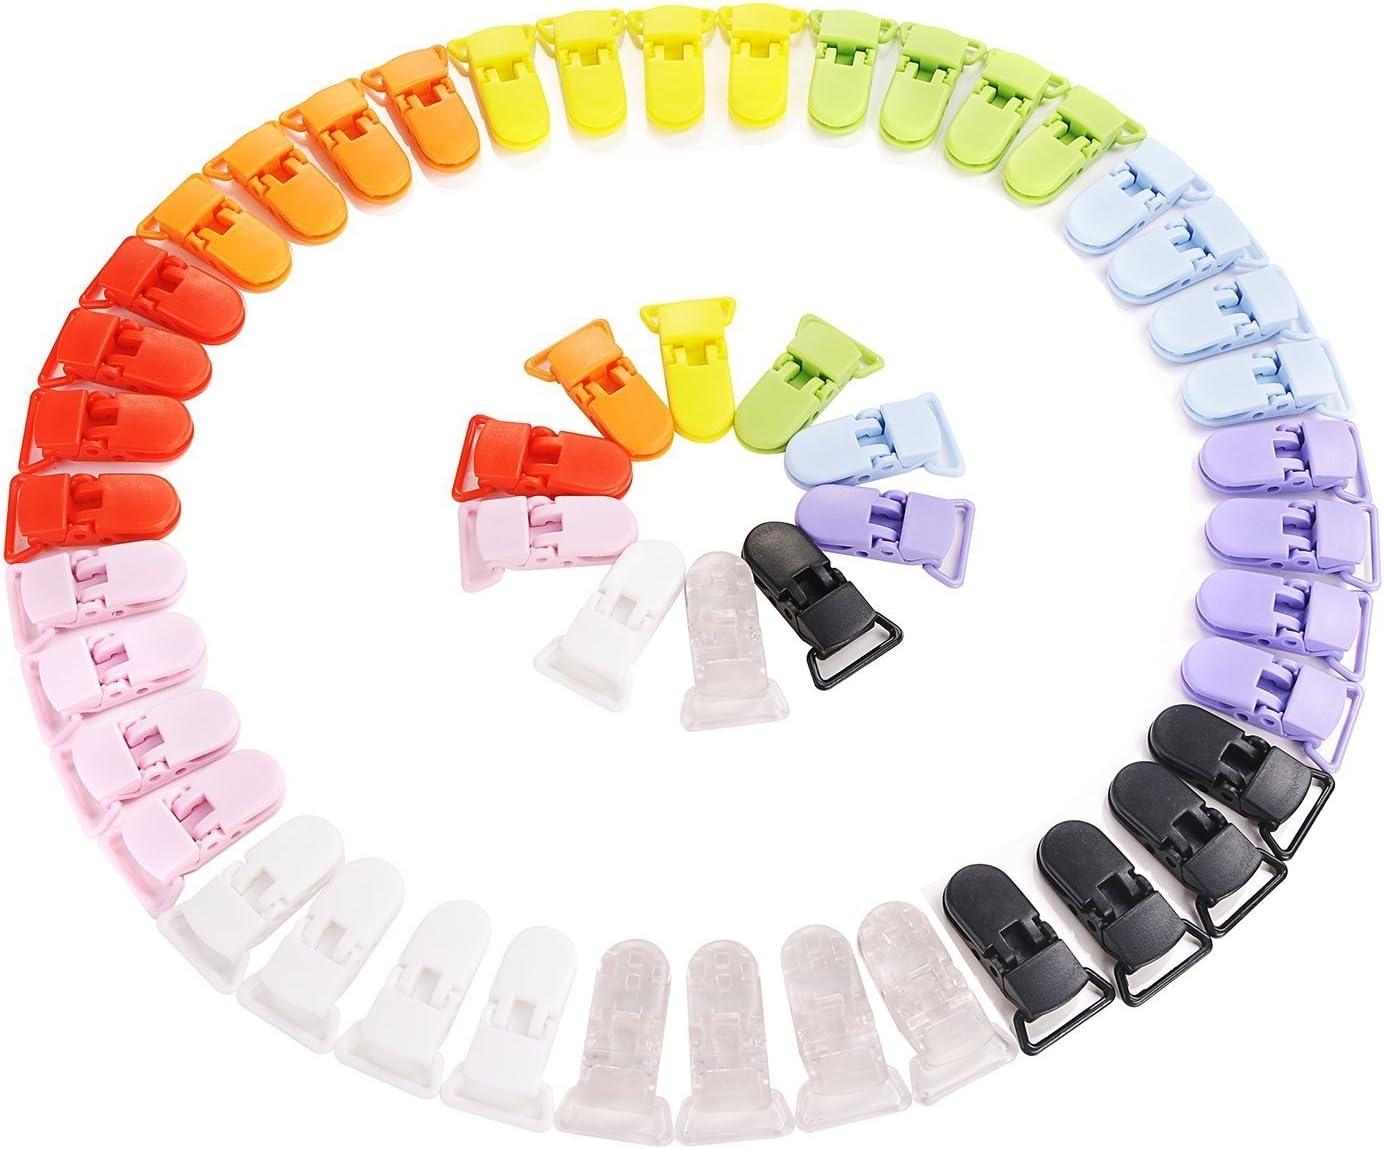 Pince /à sucette bretelle attache clip plastique 10 couleurs 50 pcs by CASCACAVELLE